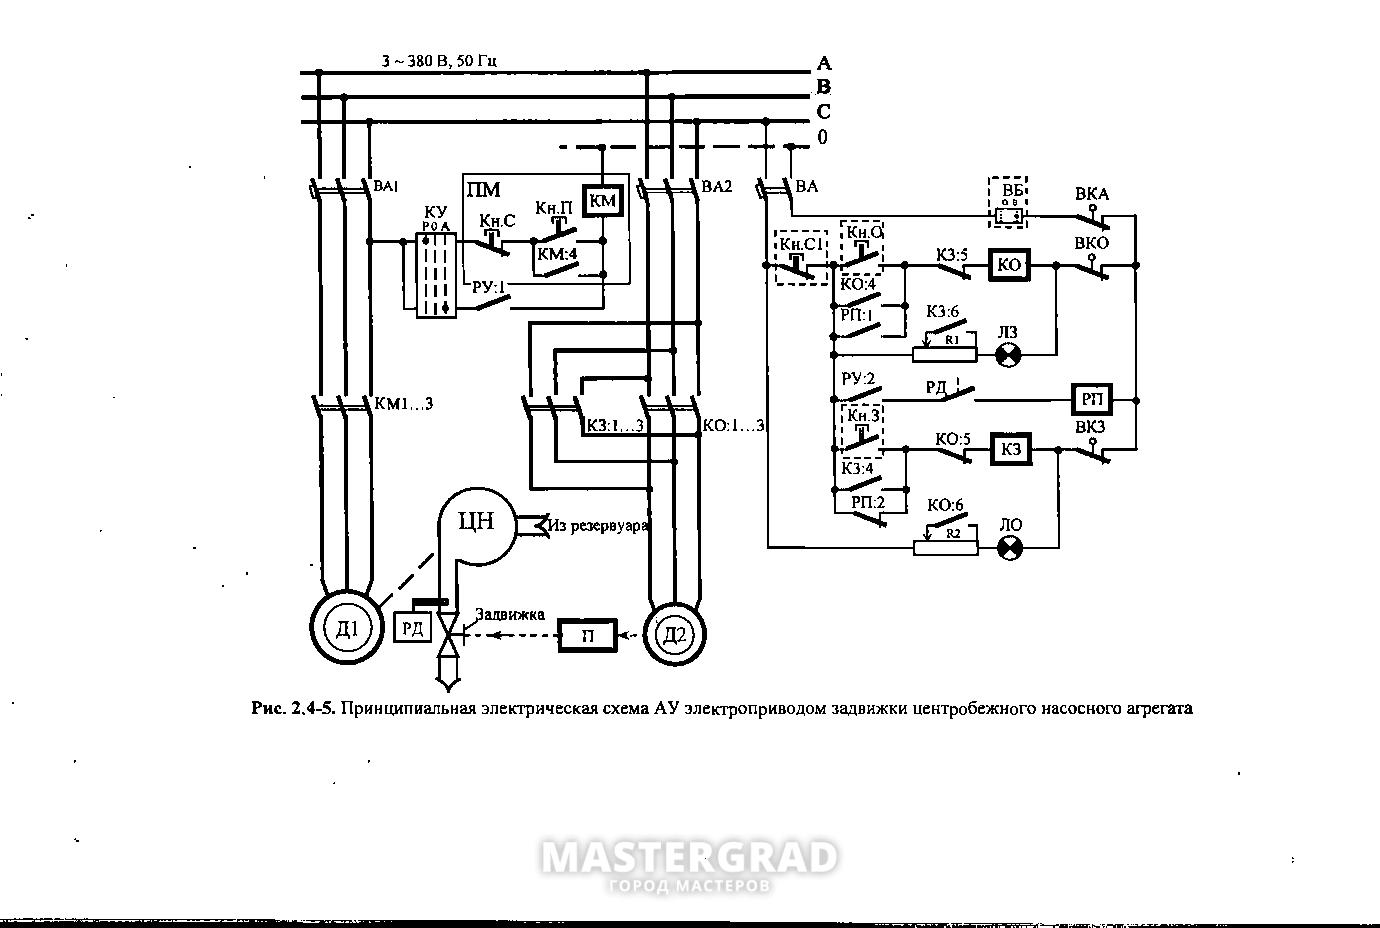 Электрическая принципиальная схема уст